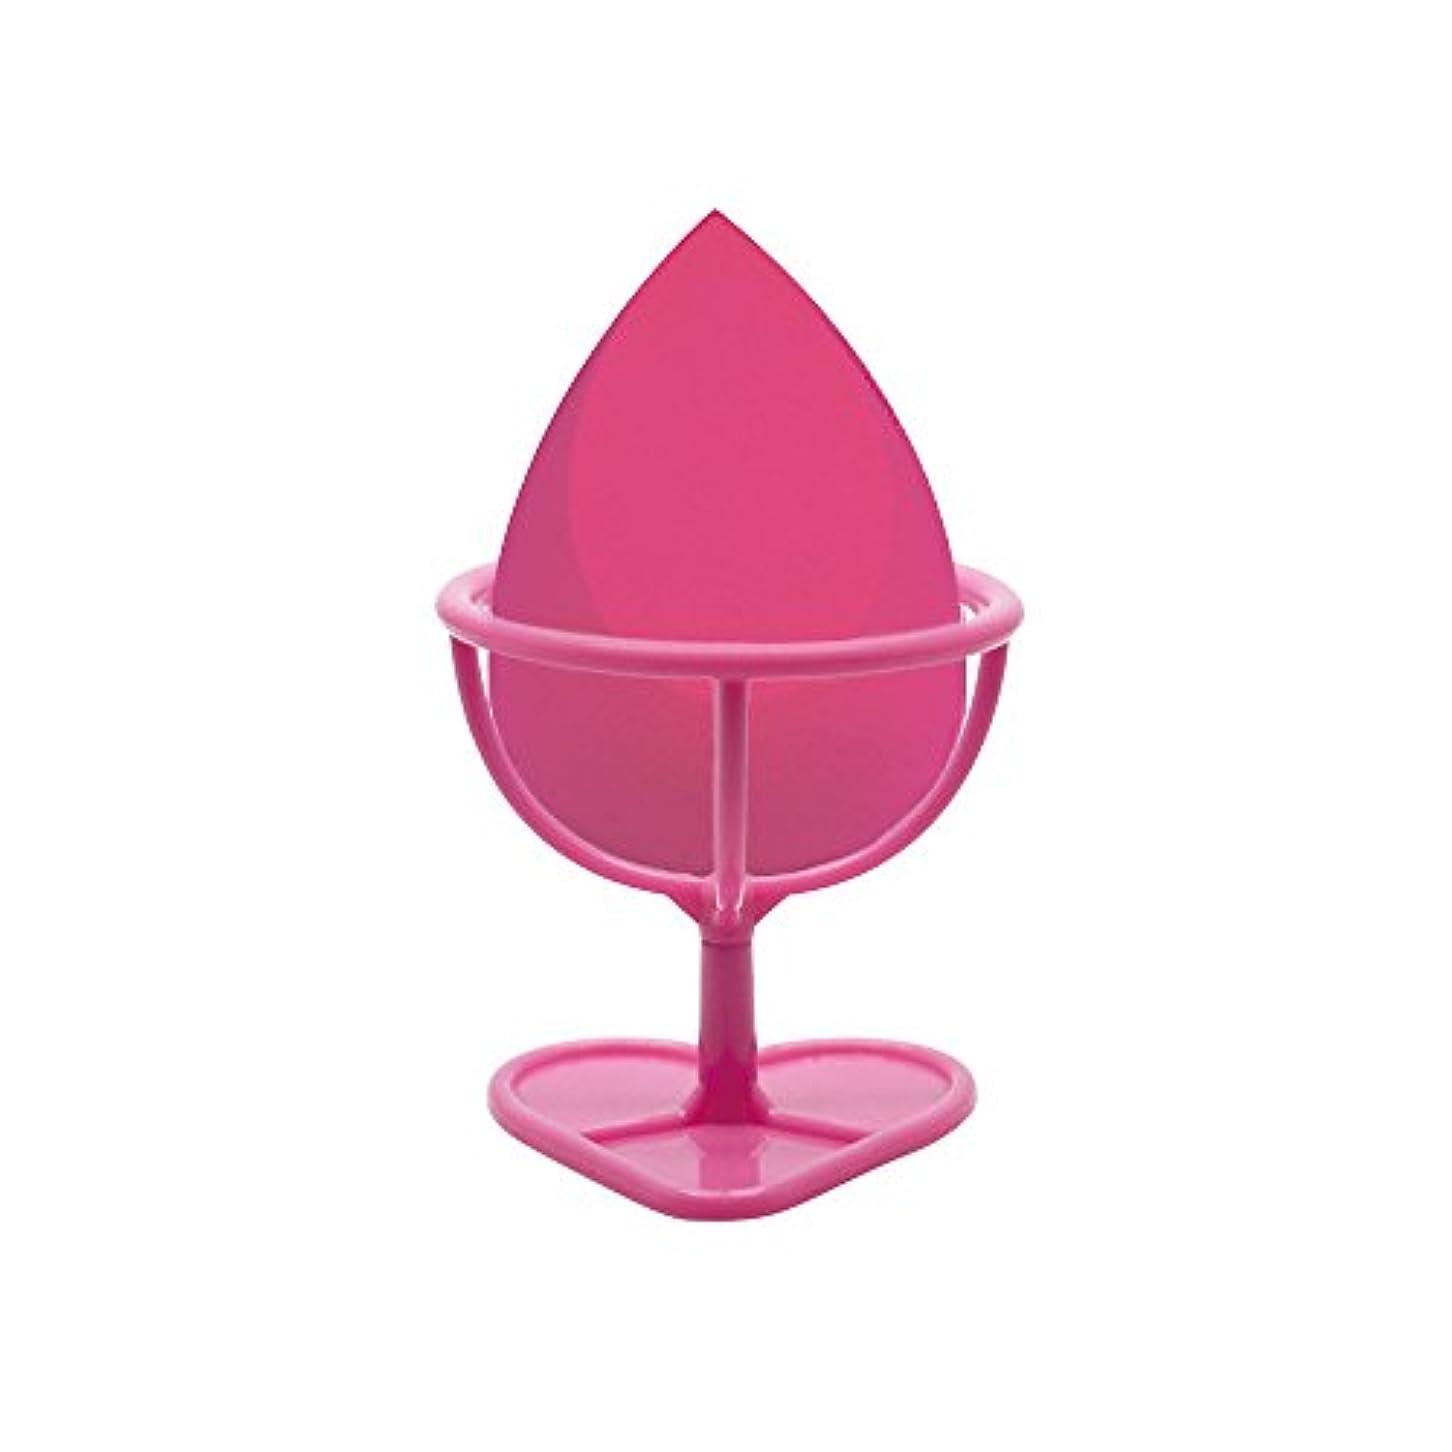 出撃者管理者コンテンツHeybeauty メイクスポンジ 斜めカット?卵型 化粧パフ ボックス付き パフ乾燥用スタンド付き ローズレッド